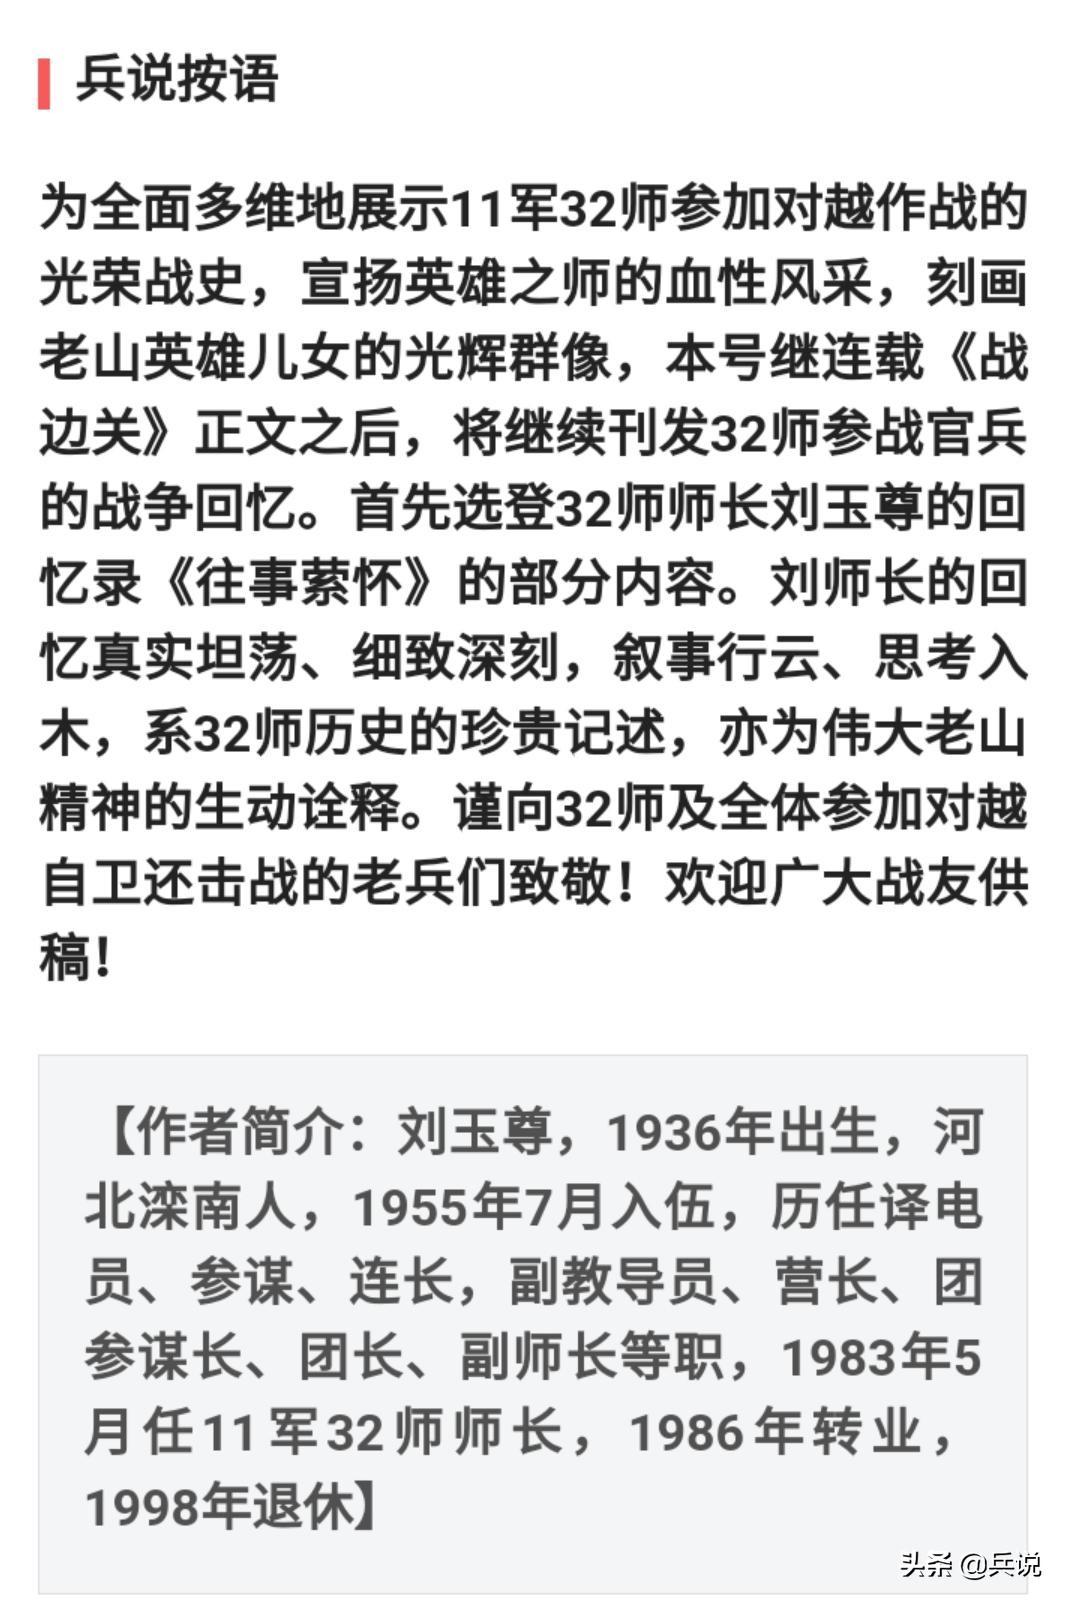 直播高清曼棍洞,准备接防老山,香港大凤凰,被子网络